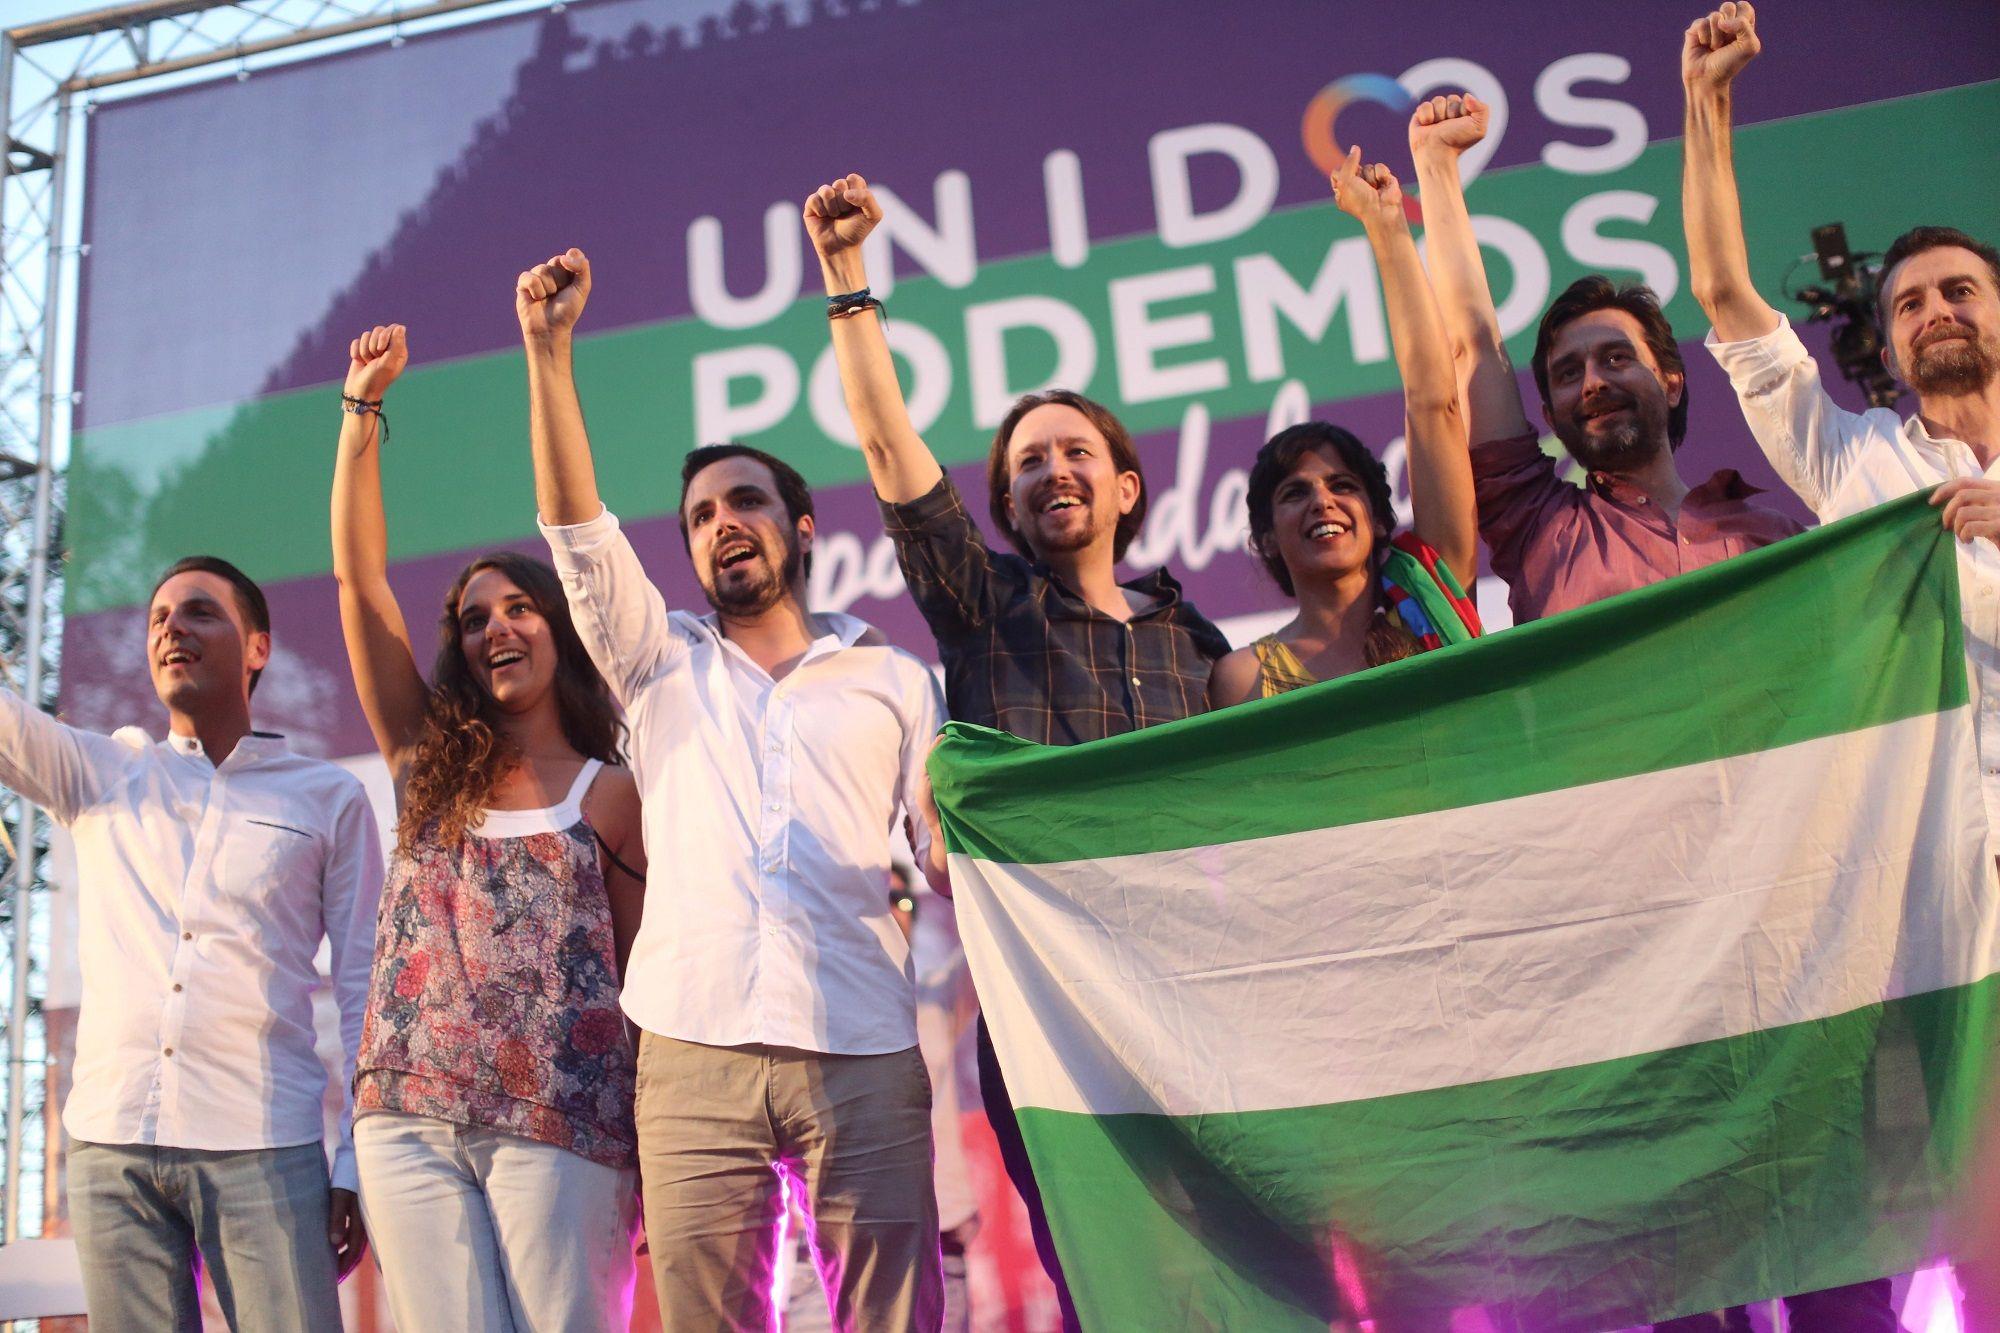 Los líderes Unidos Podemos alzan sus brazos en Jerez de la Frontera  23 jun 2016   Juan Carlos Corchado para MIRA Jerez